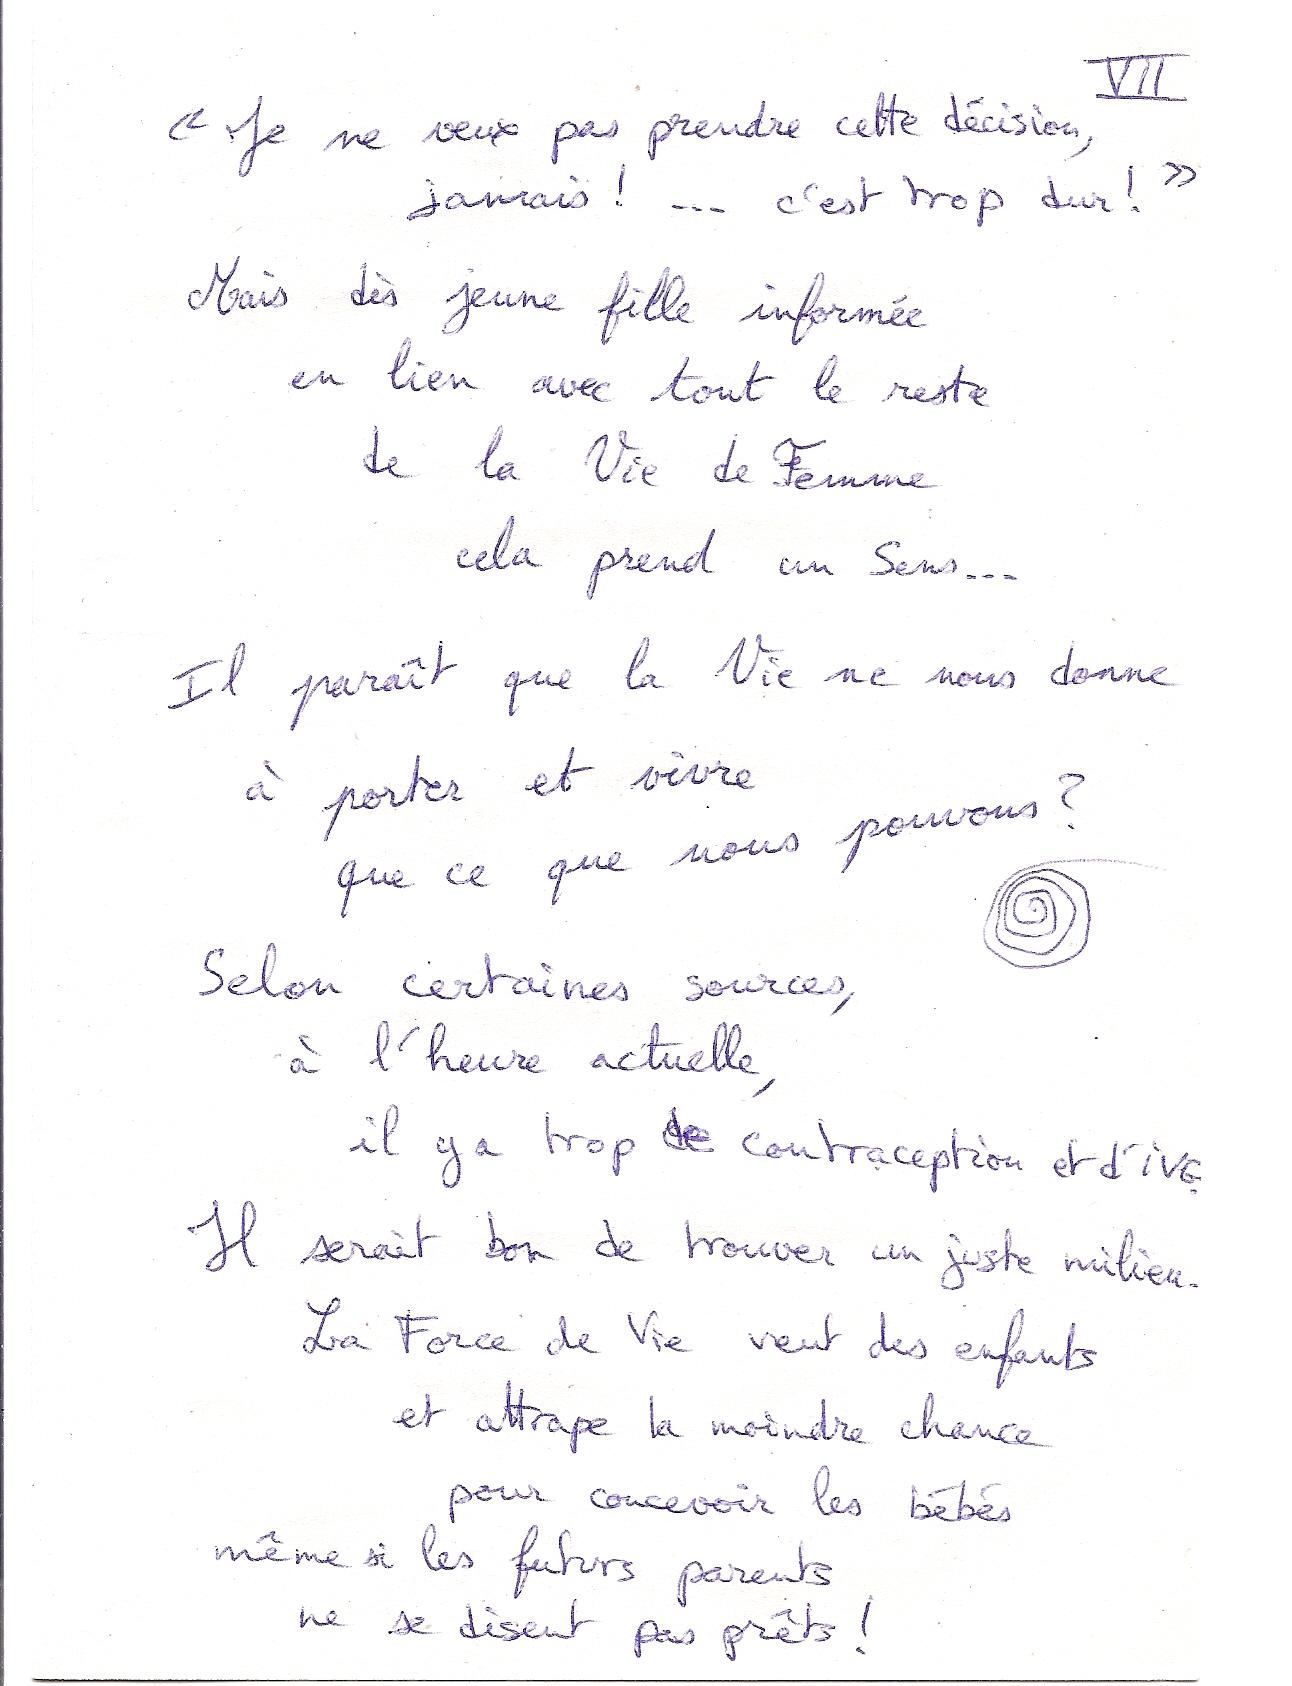 délicate-decision-VII-1